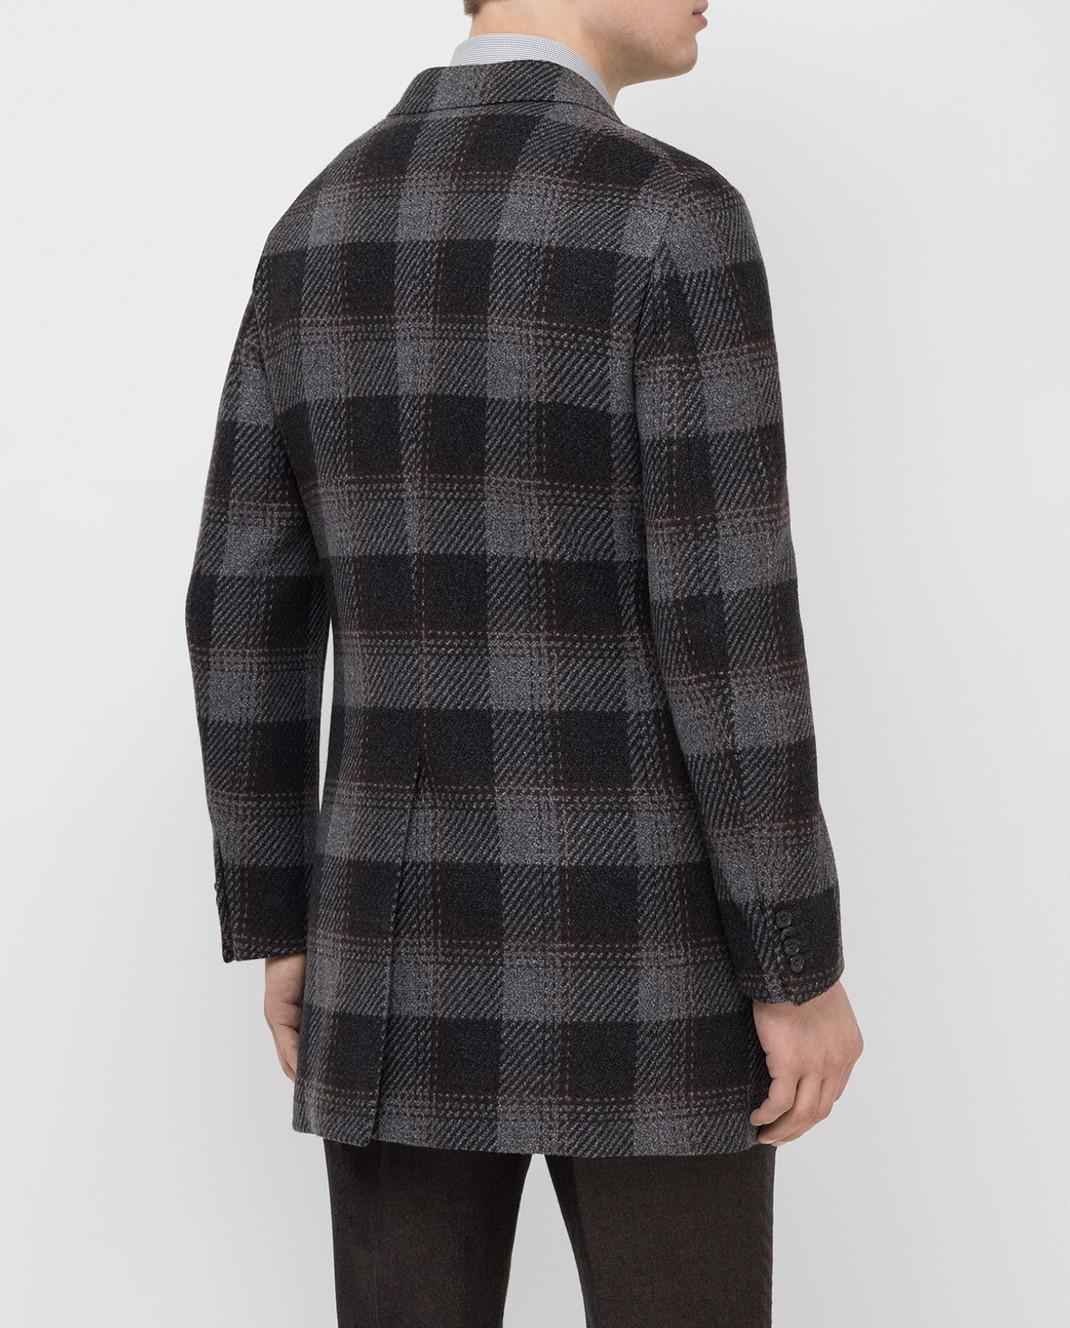 ISAIA Темно-серое пальто из шерсти 00736887340 изображение 4